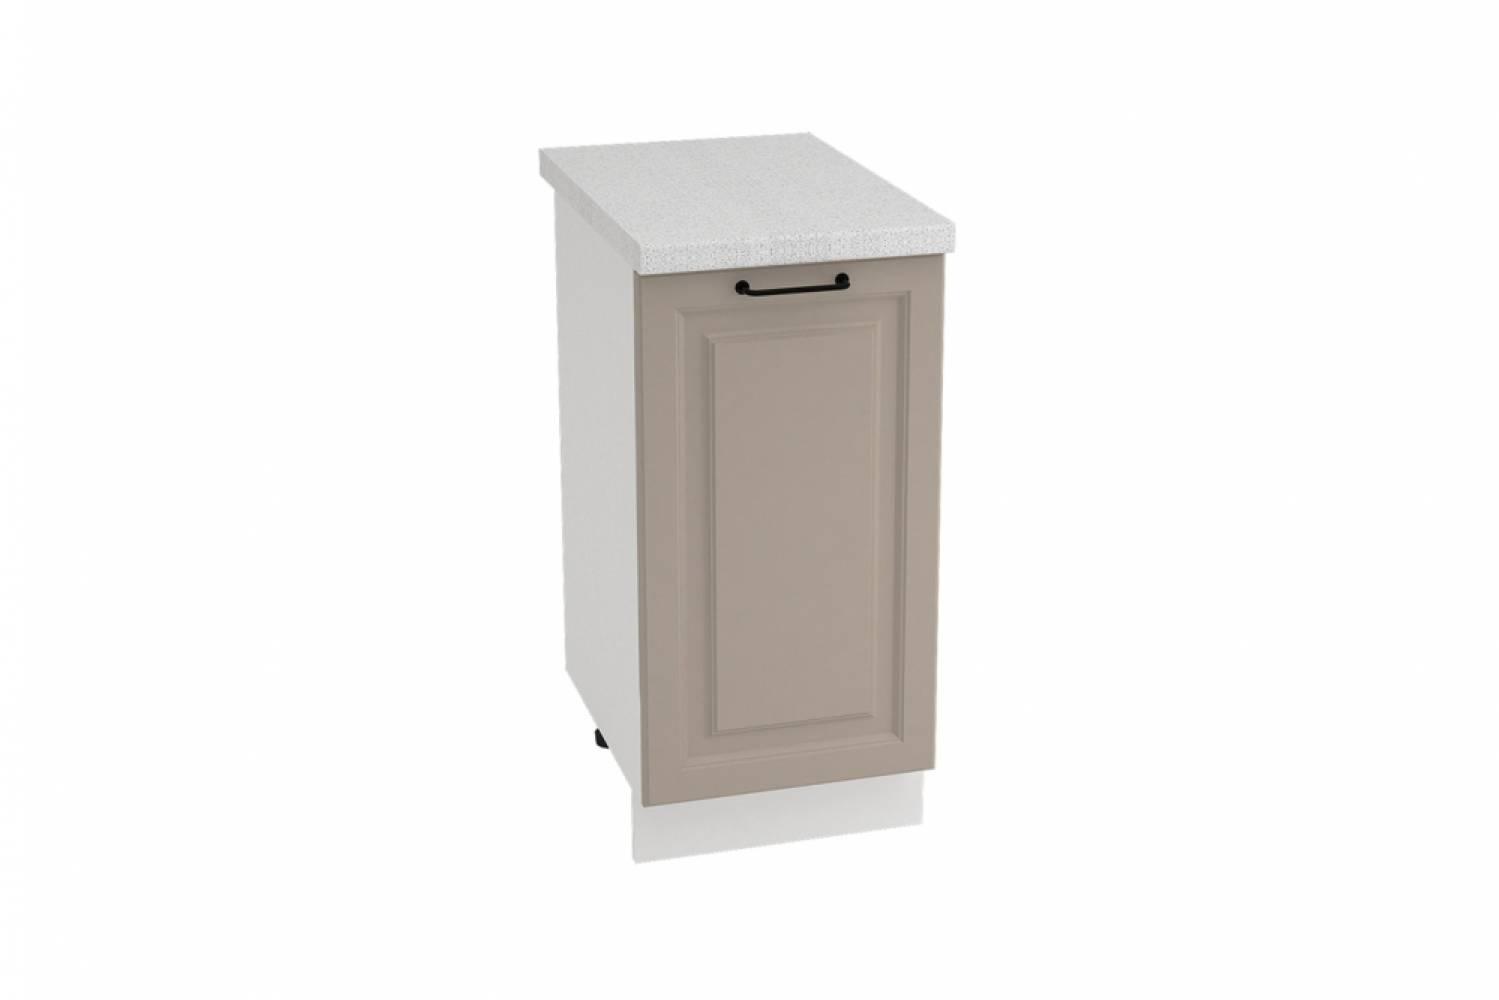 Шкаф нижний ШН 400 НИЦЦА ROYAL (OMNIA) 400 мм